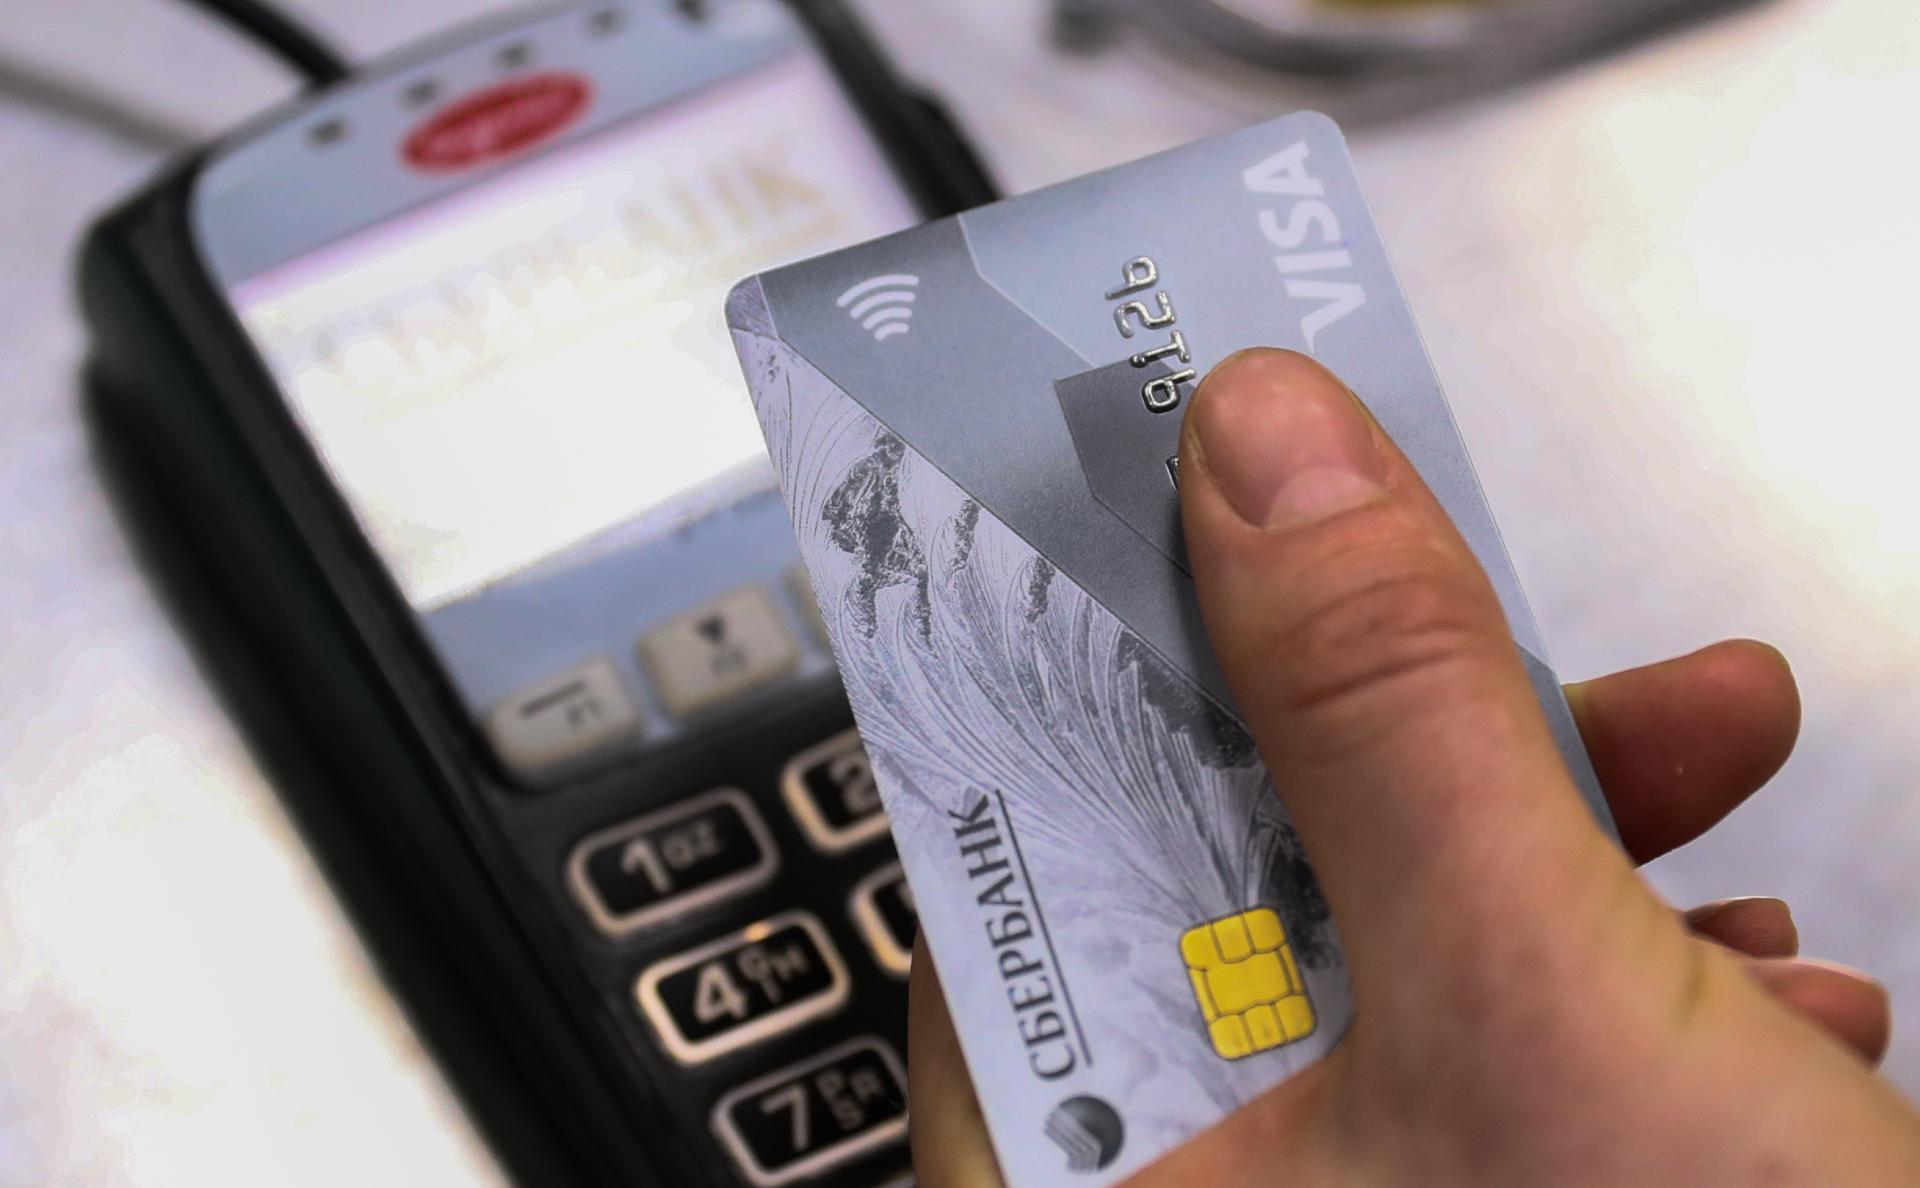 Волгодонскими полицейскими раскрыта кража денежных средств с банковской карты